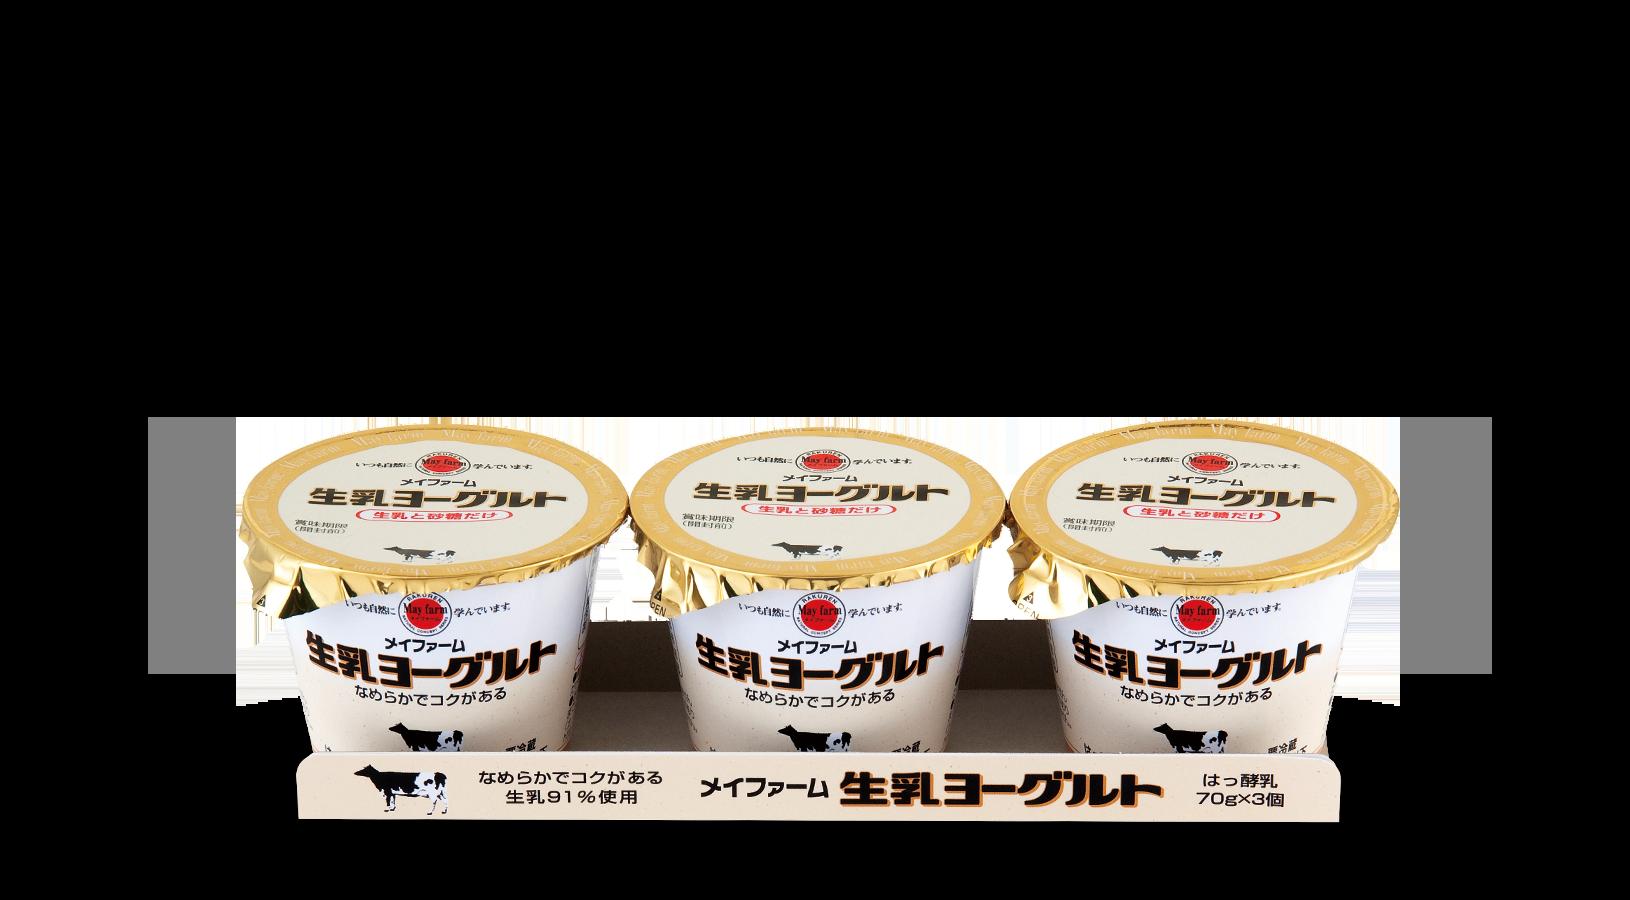 商品イメージ:メイファーム生乳ヨーグルト